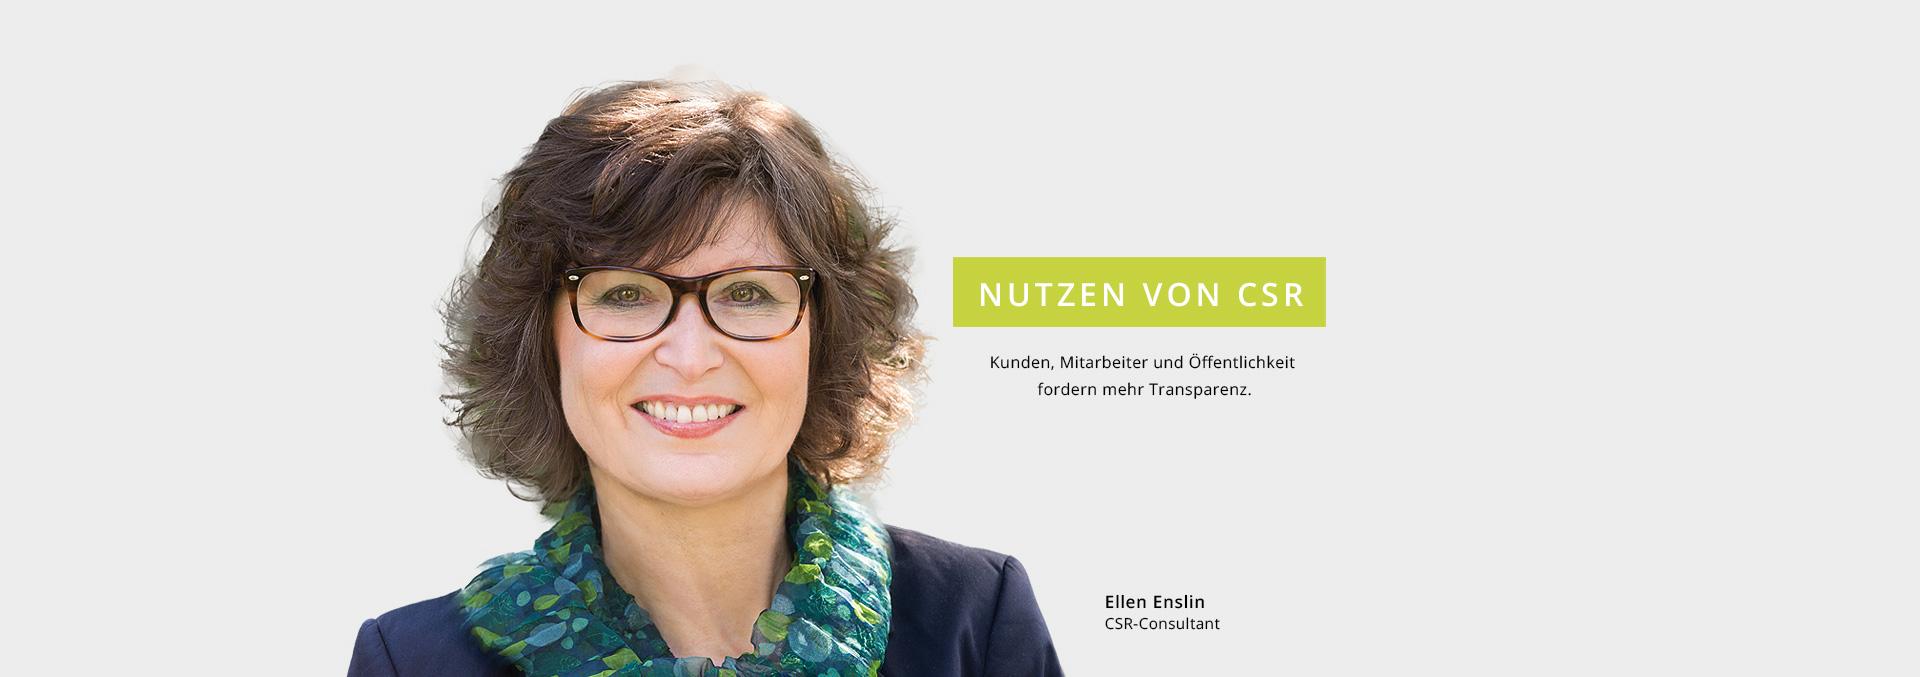 Nutzen von CSR